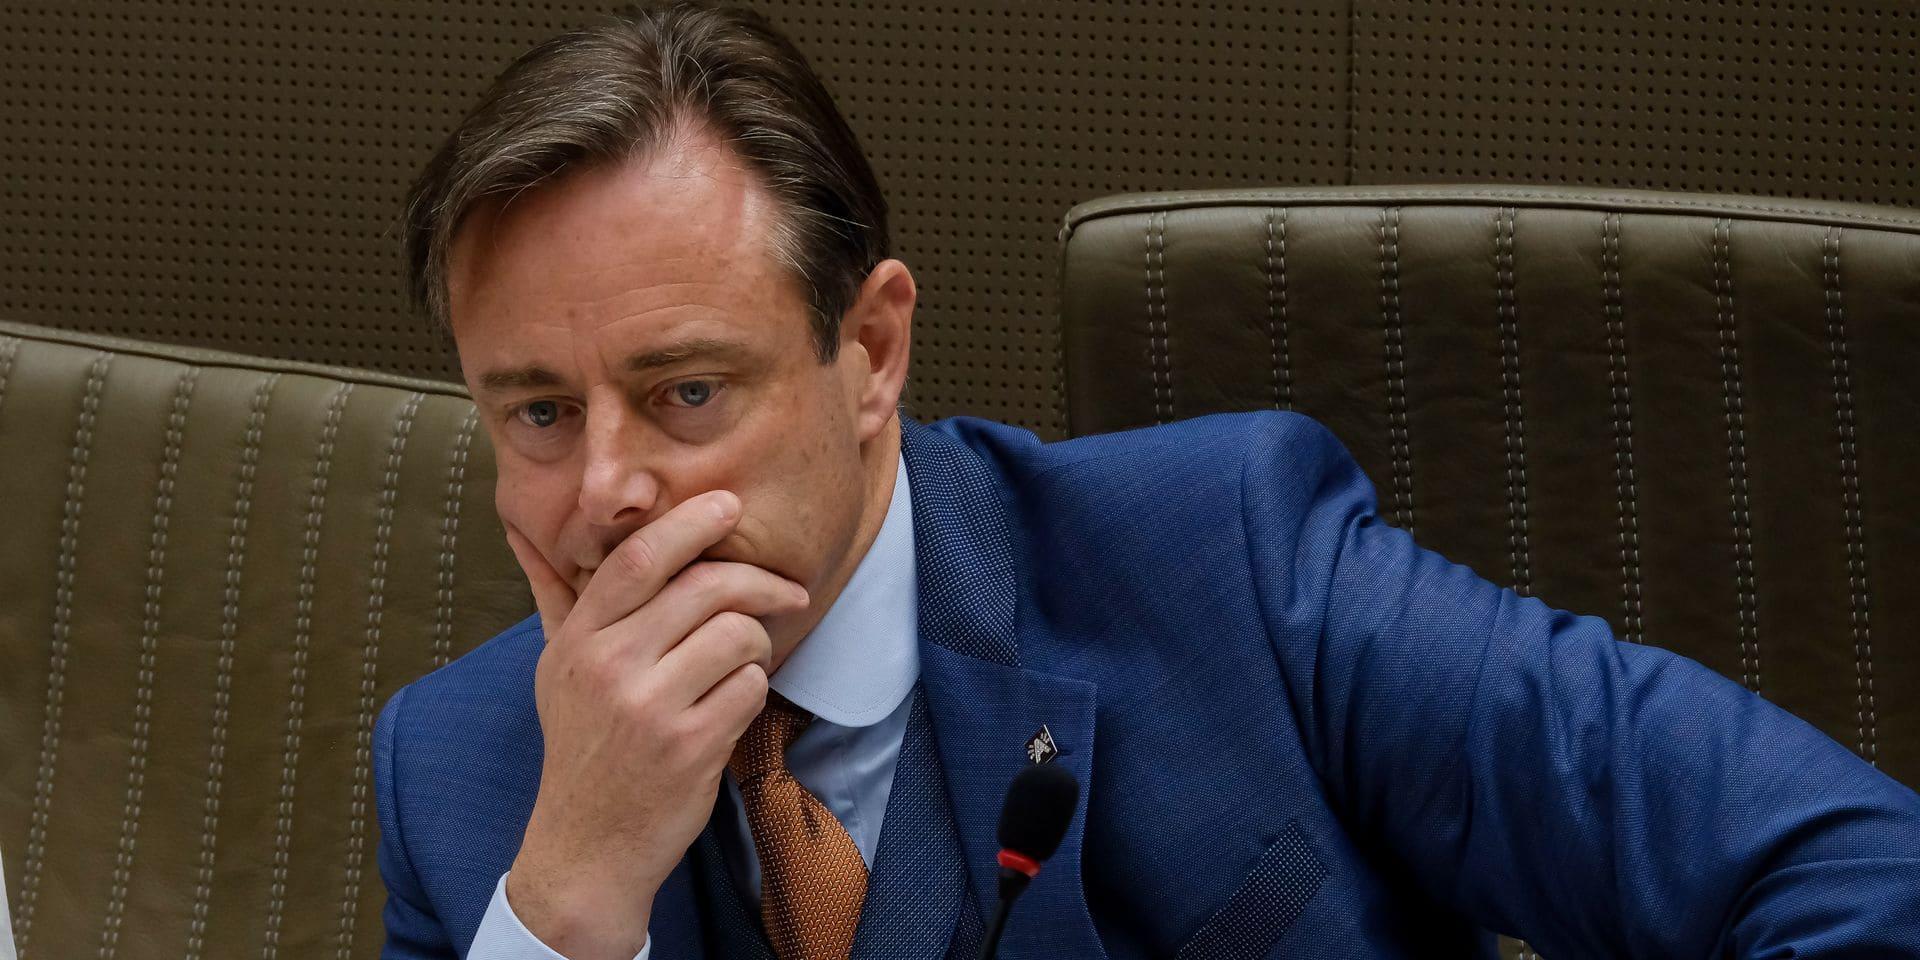 Édito: De Wever redoutablement ingénieux mais aussi terriblement dangereux?